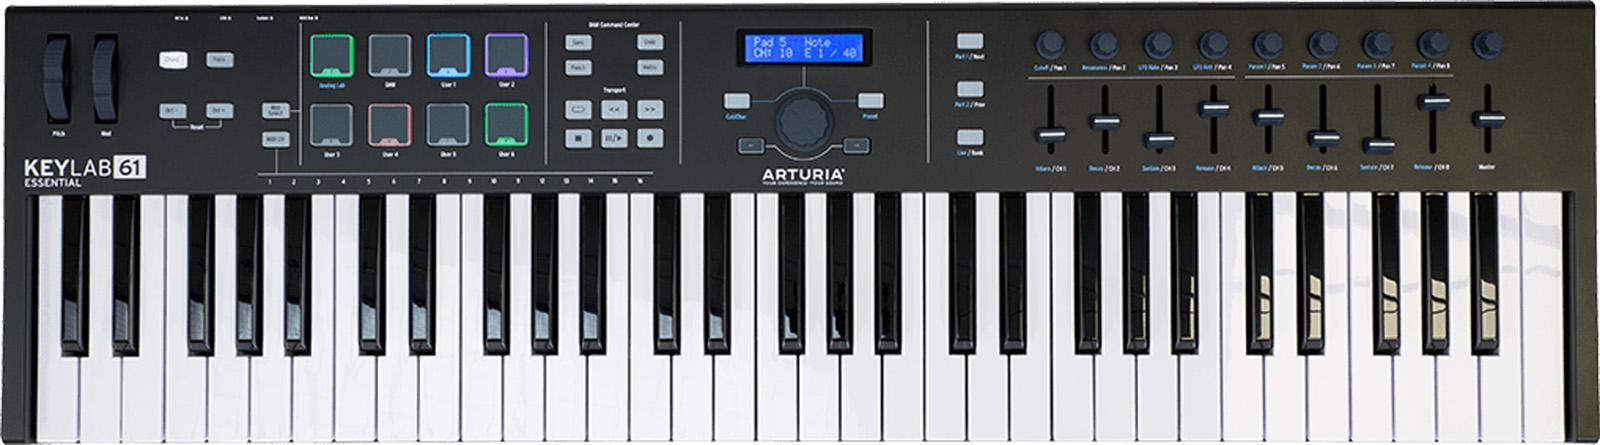 Arturia KeyLab Essential 61 Black Limited Edition